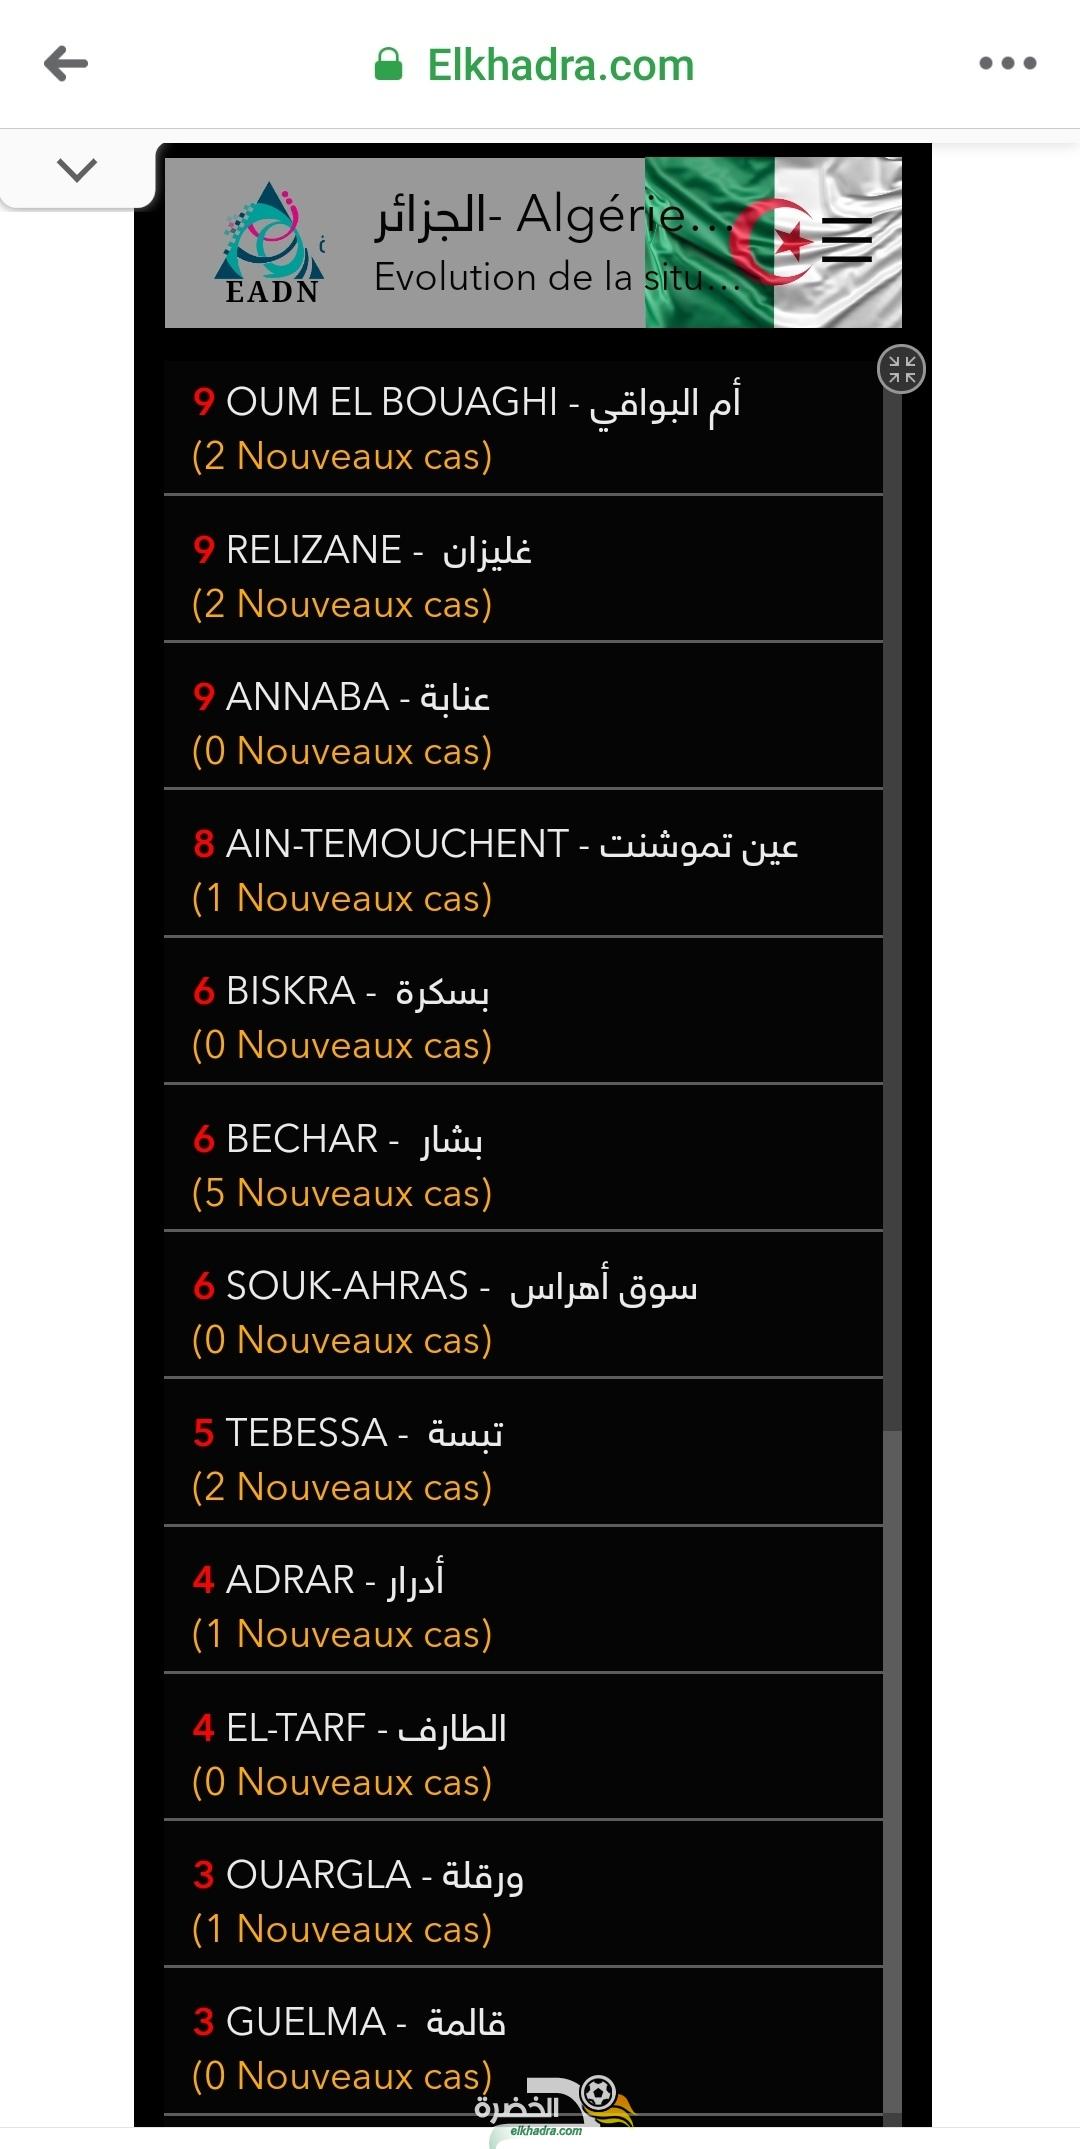 فيروس كورونا بالجزائر : قائمة وحالات الاصابة حسب الولايات اليوم الأحد 5 افريل 2020 29